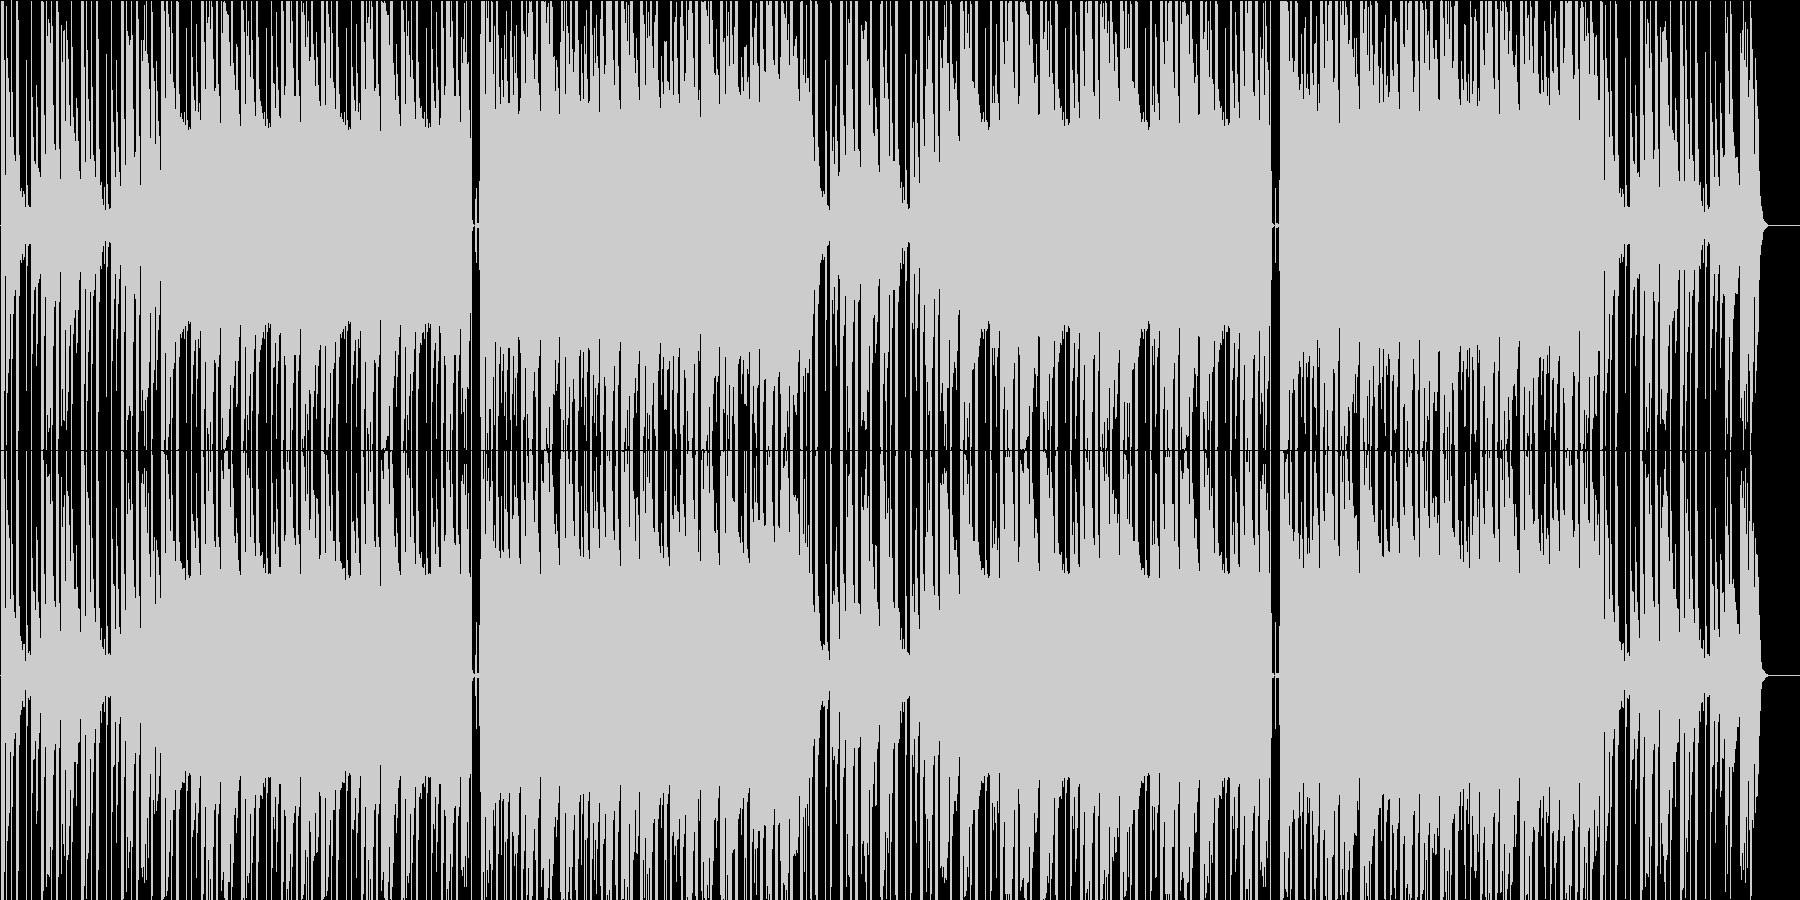 リラックスできるLO-FI曲の未再生の波形